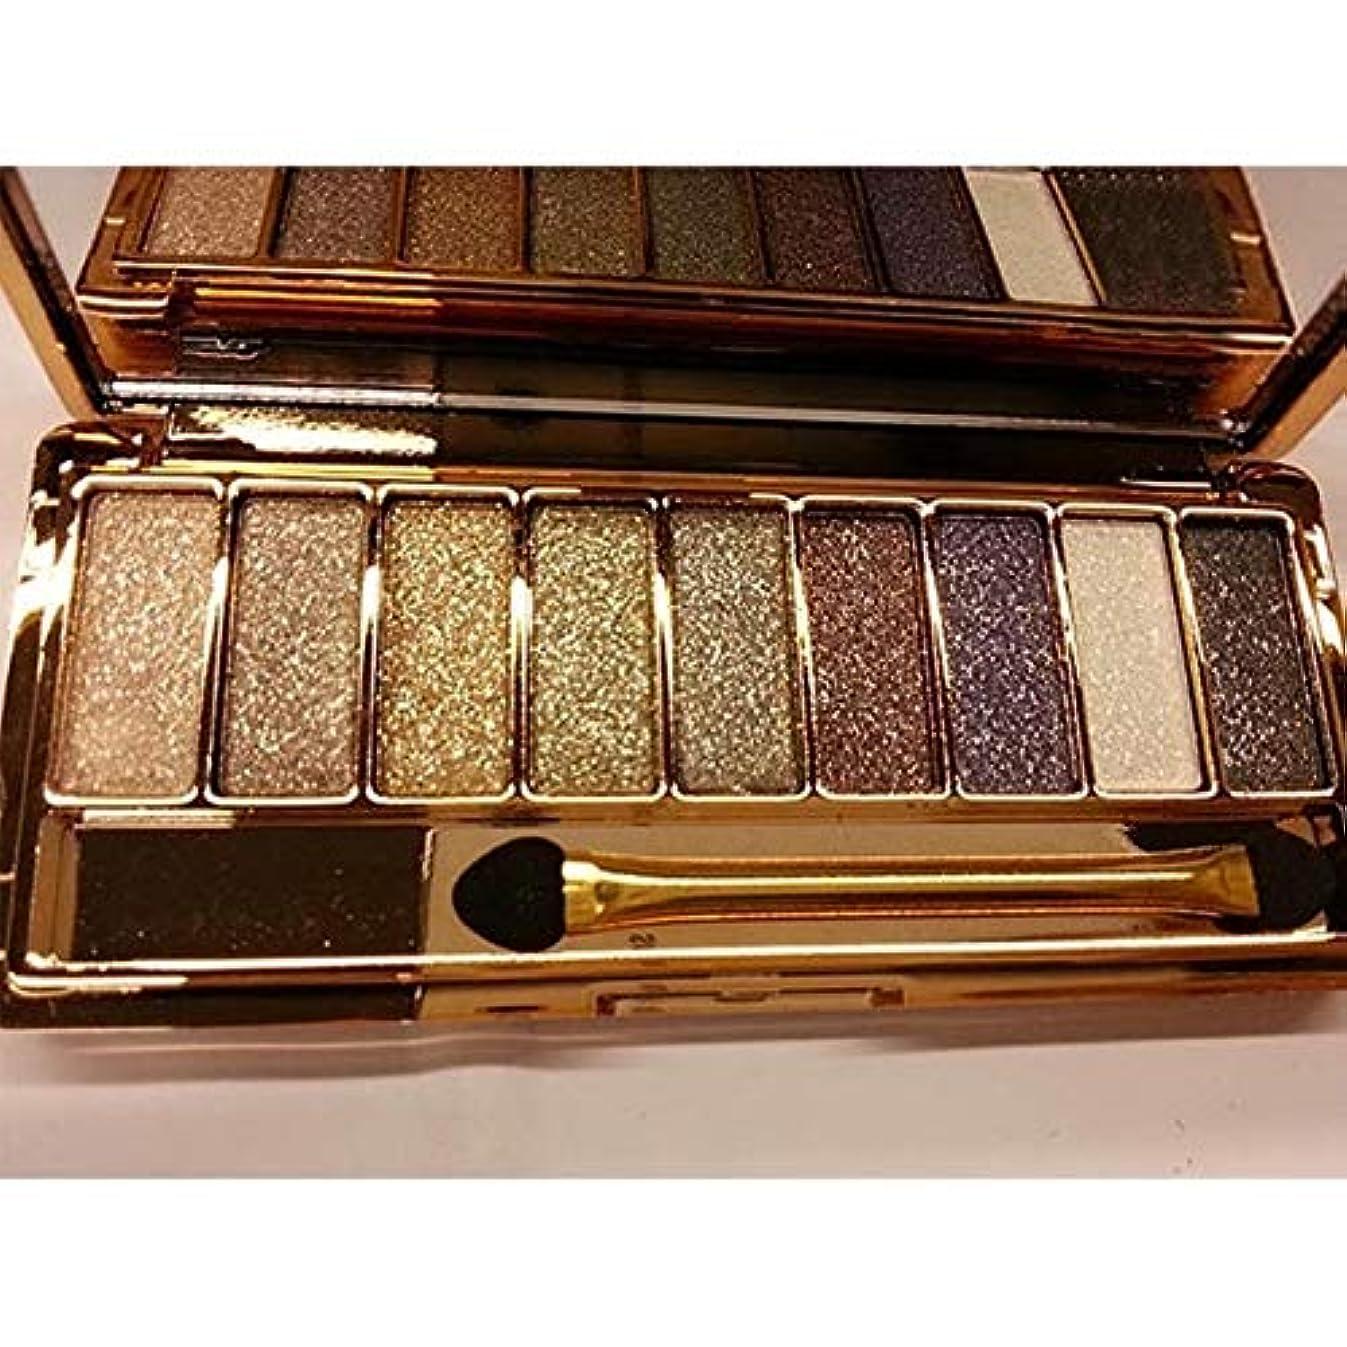 グレートバリアリーフコンプライアンスゴミ健康と美容アイシャドウ 3 PCS 9色アイシャドウパレットグリッターマットアイシャドウパレット(LPP001229-1) 化粧 (色 : LPP001229-3)